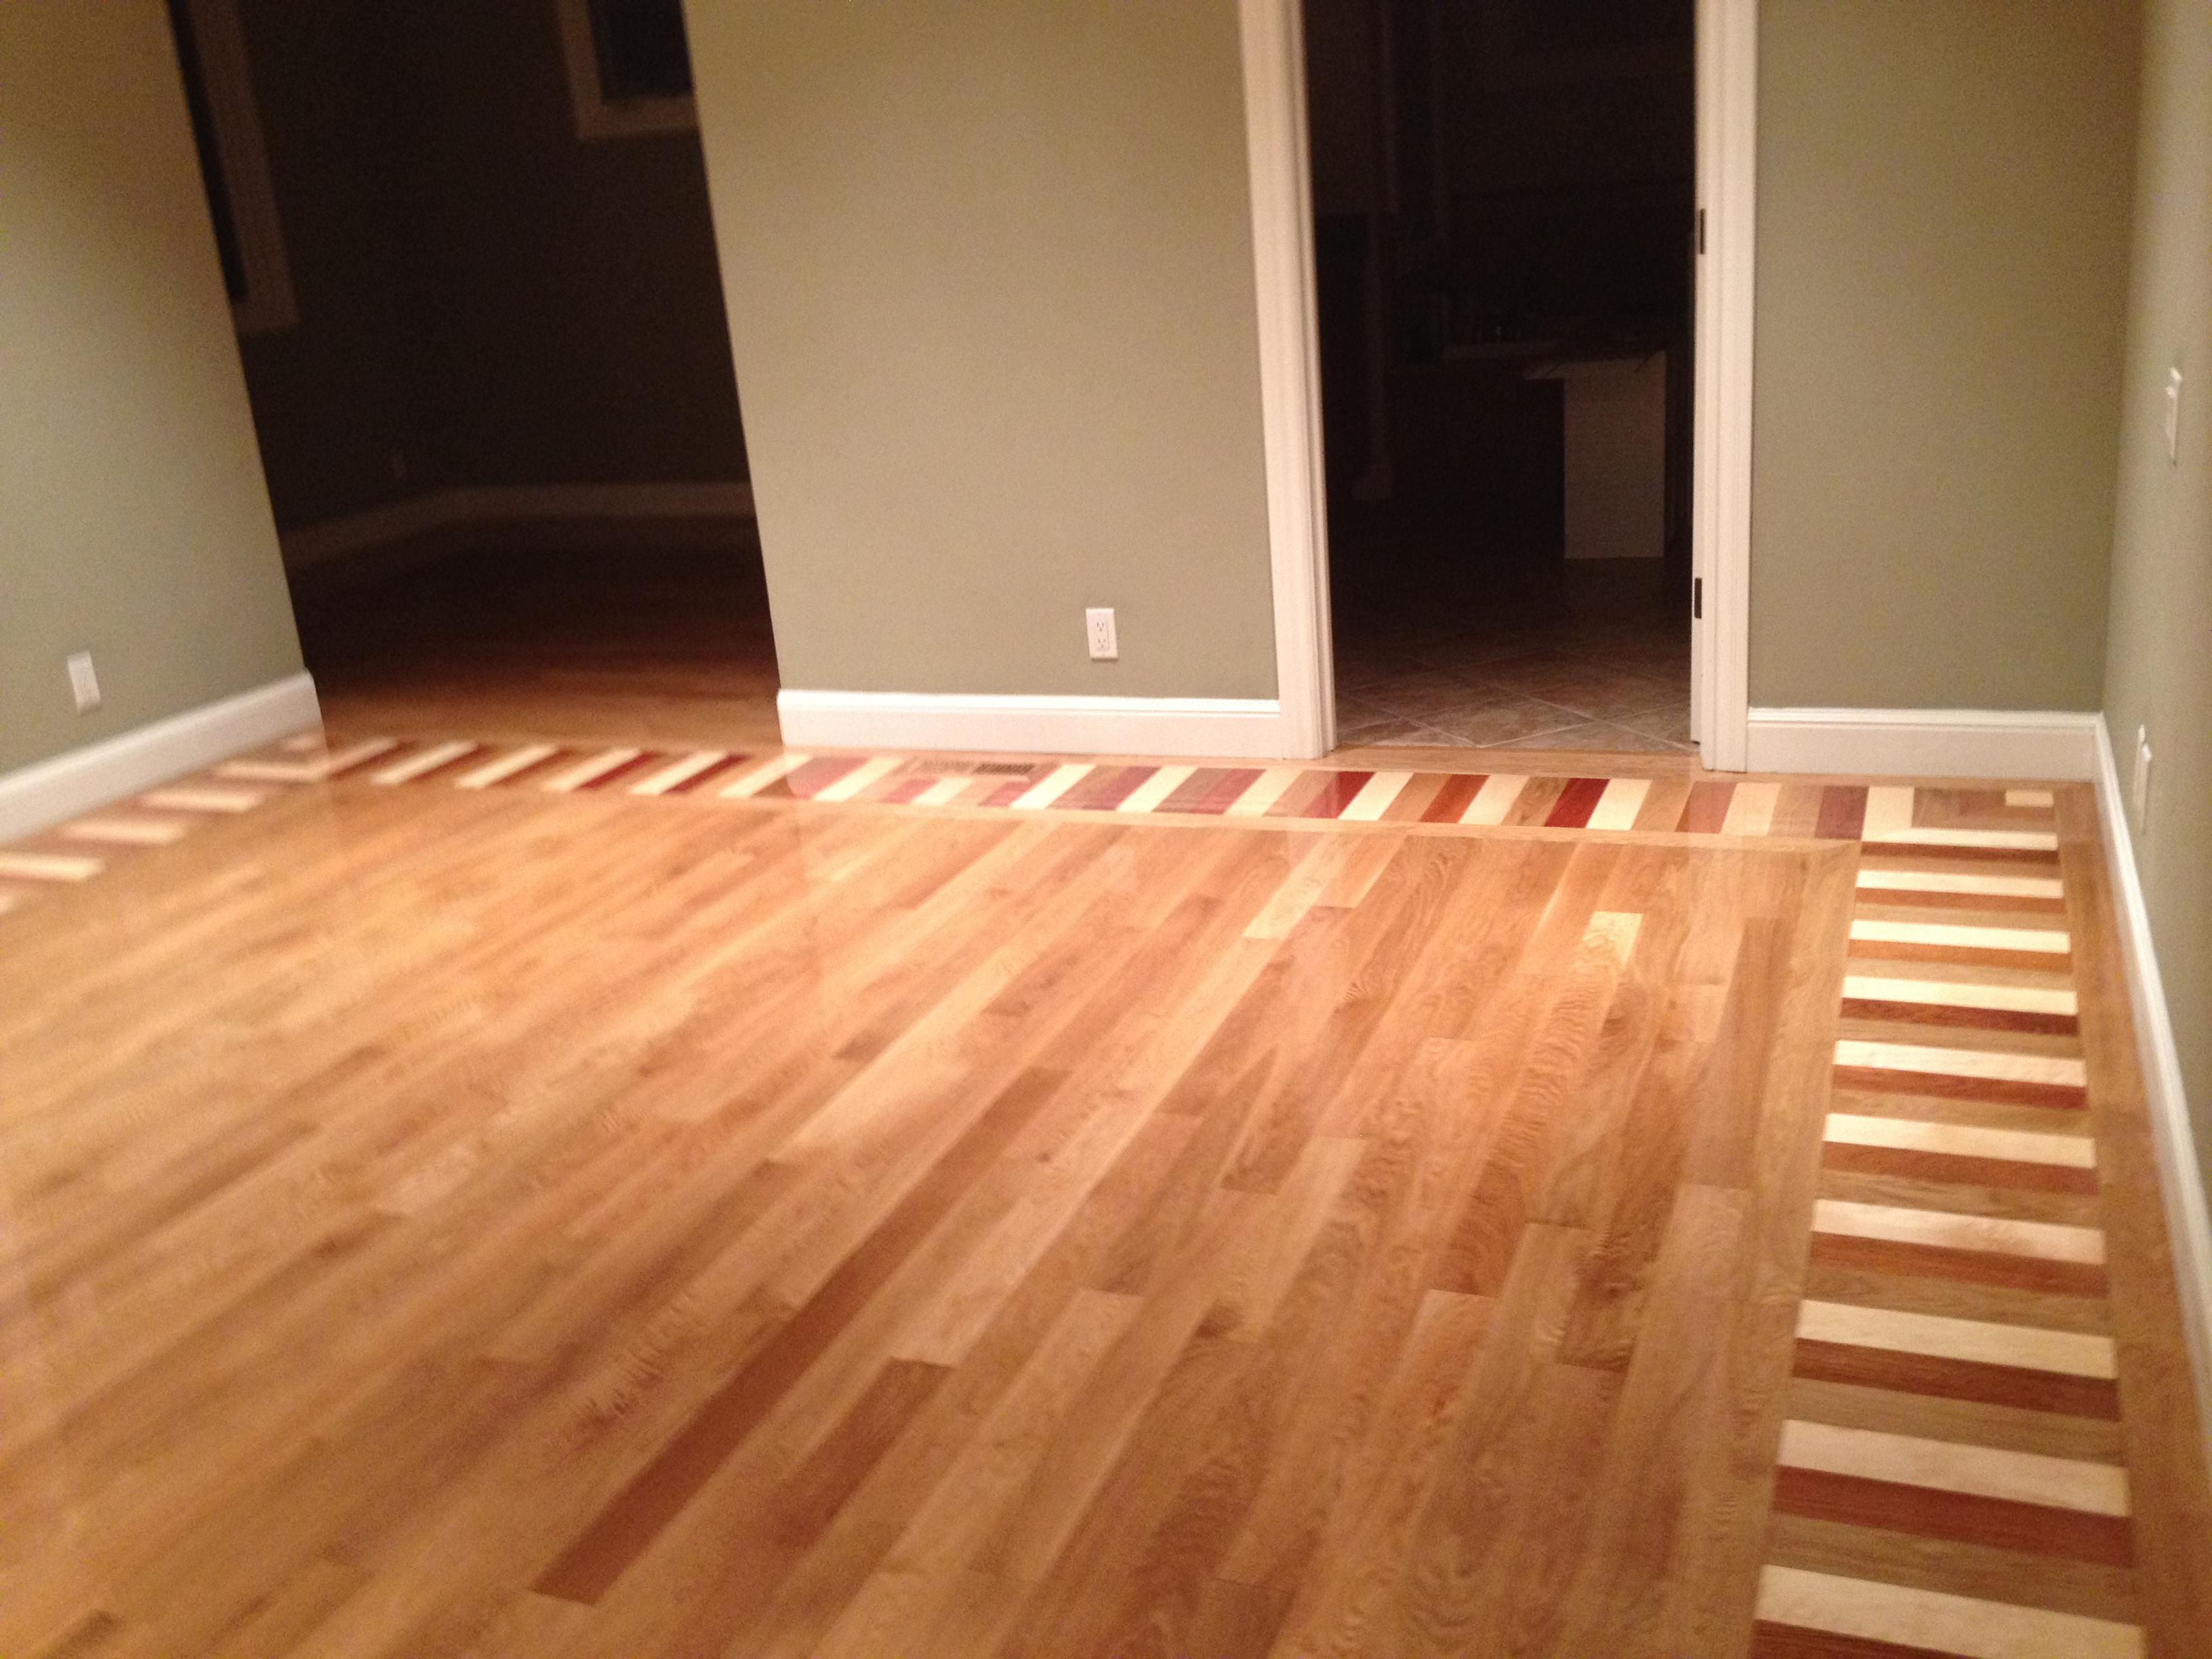 Wood Floor 3 - Floor, Laminate, Parket